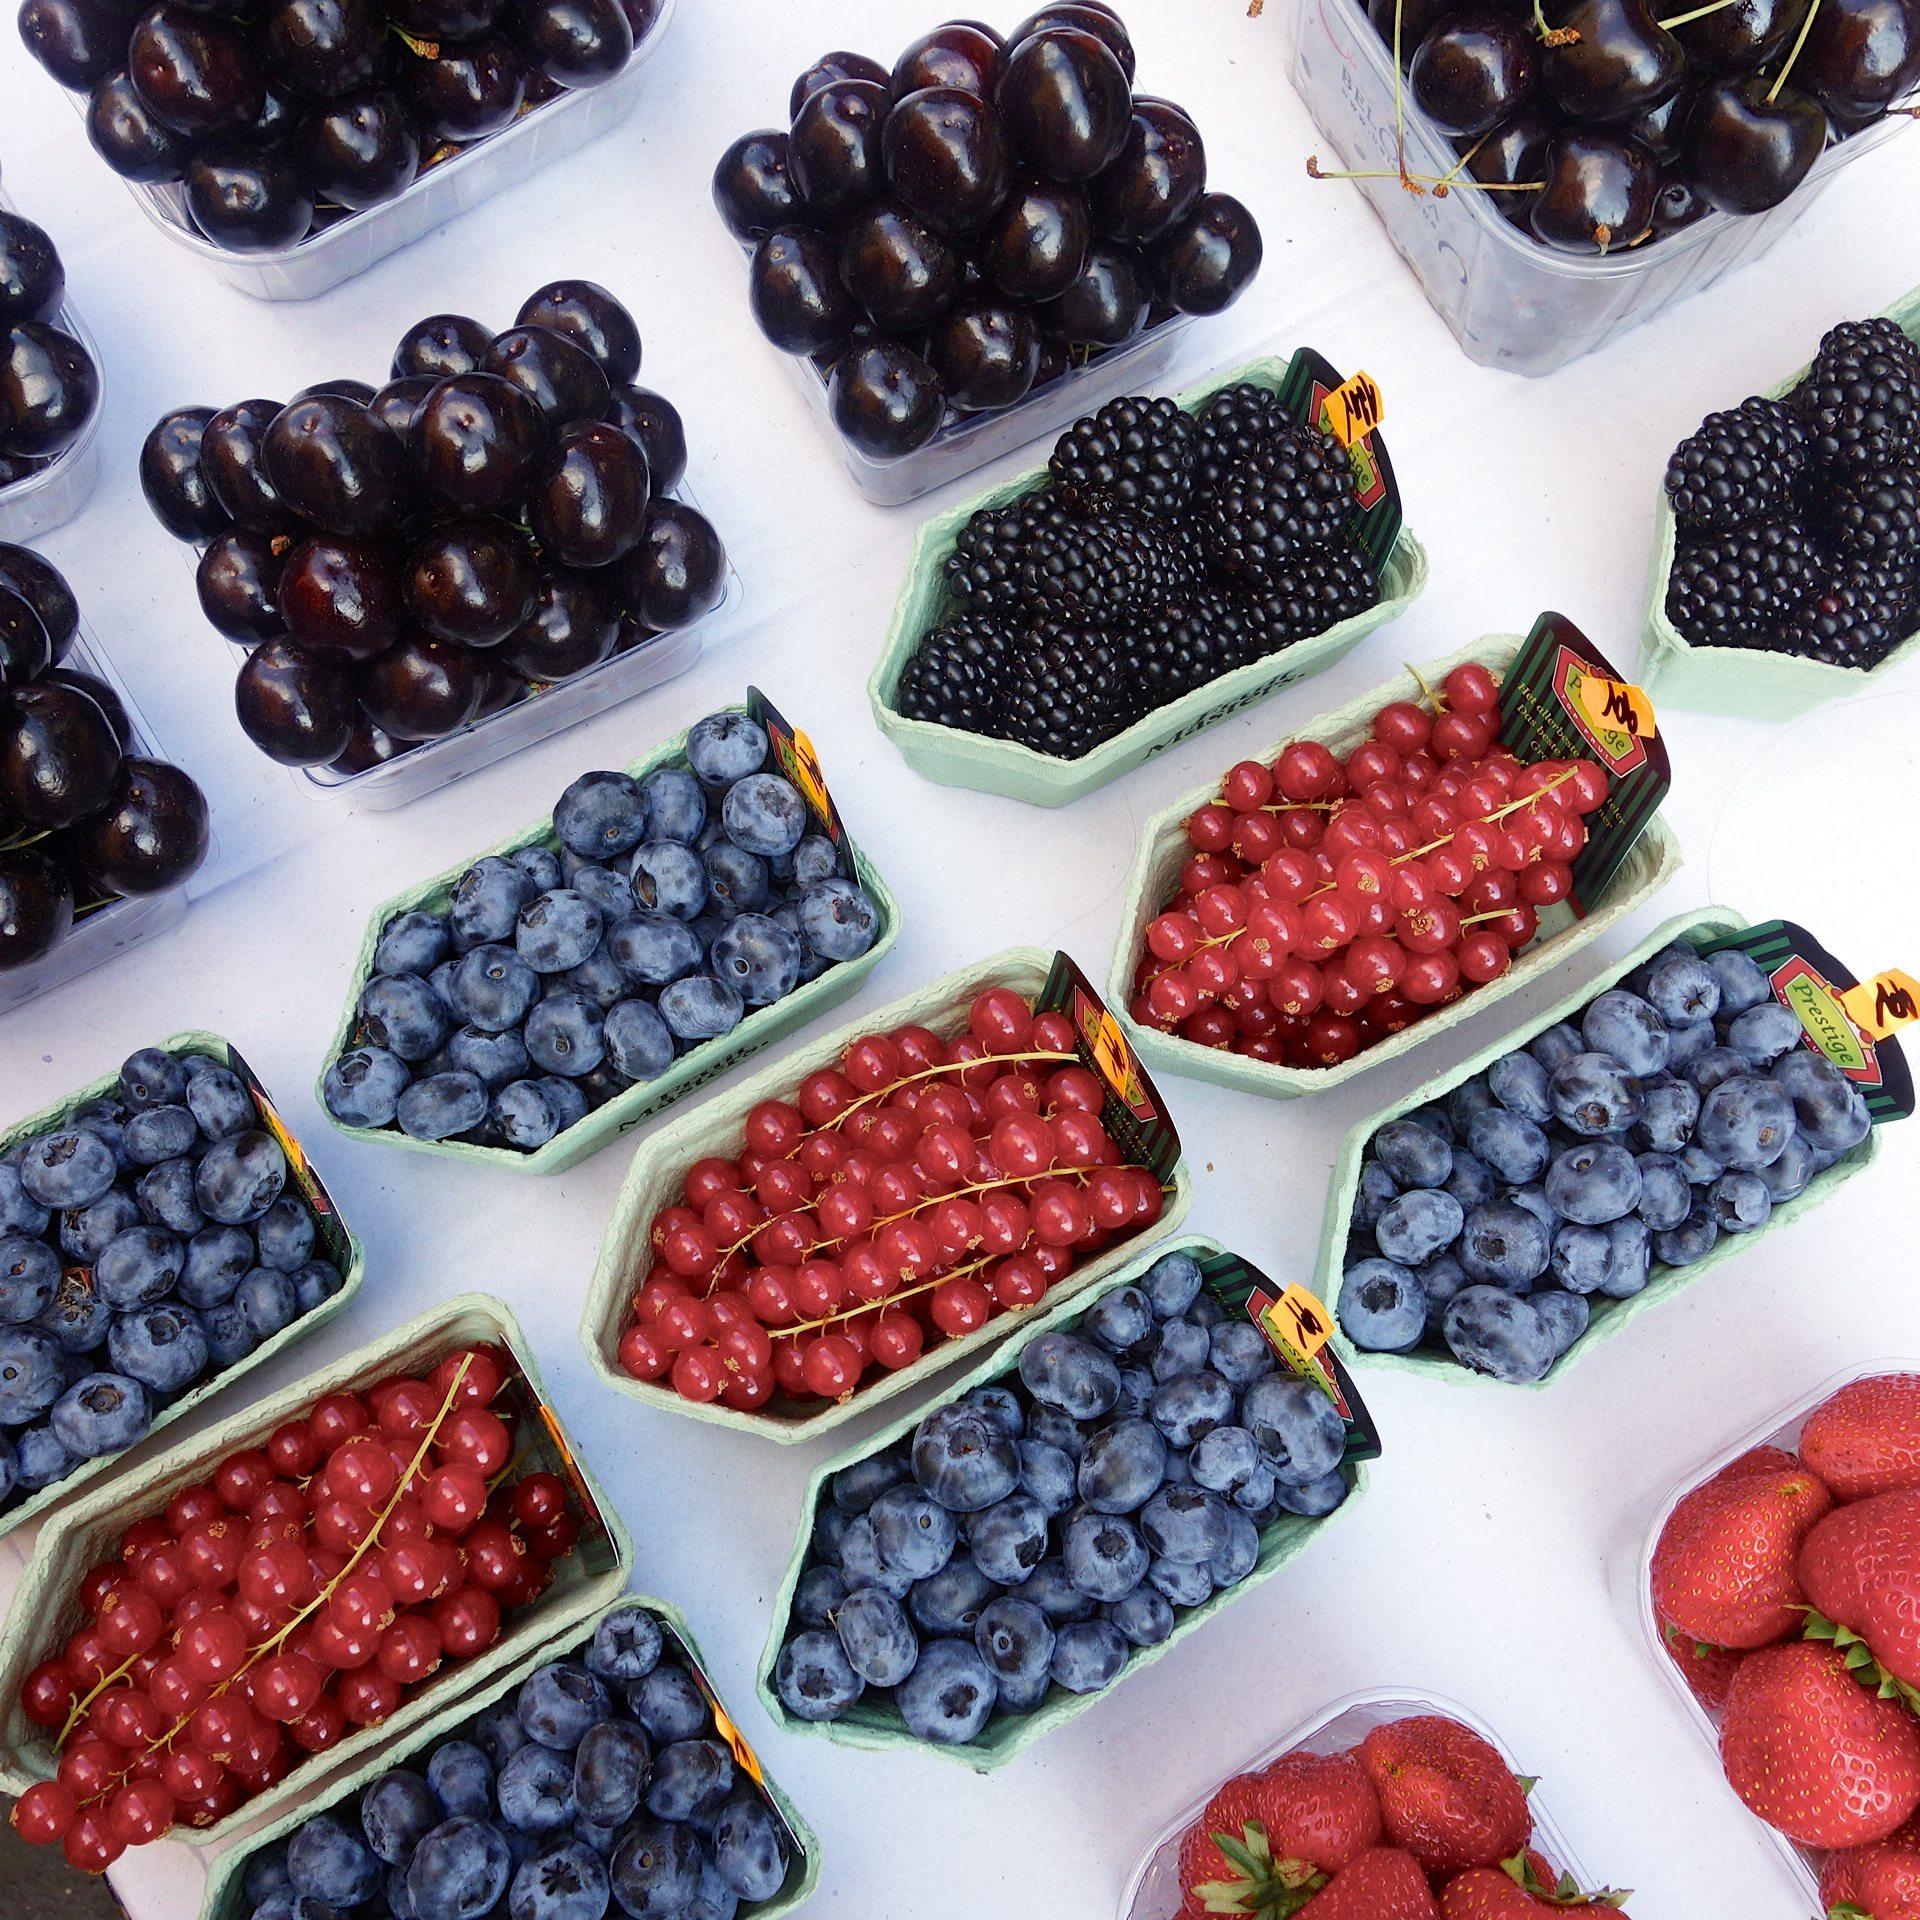 prage fruit stalls